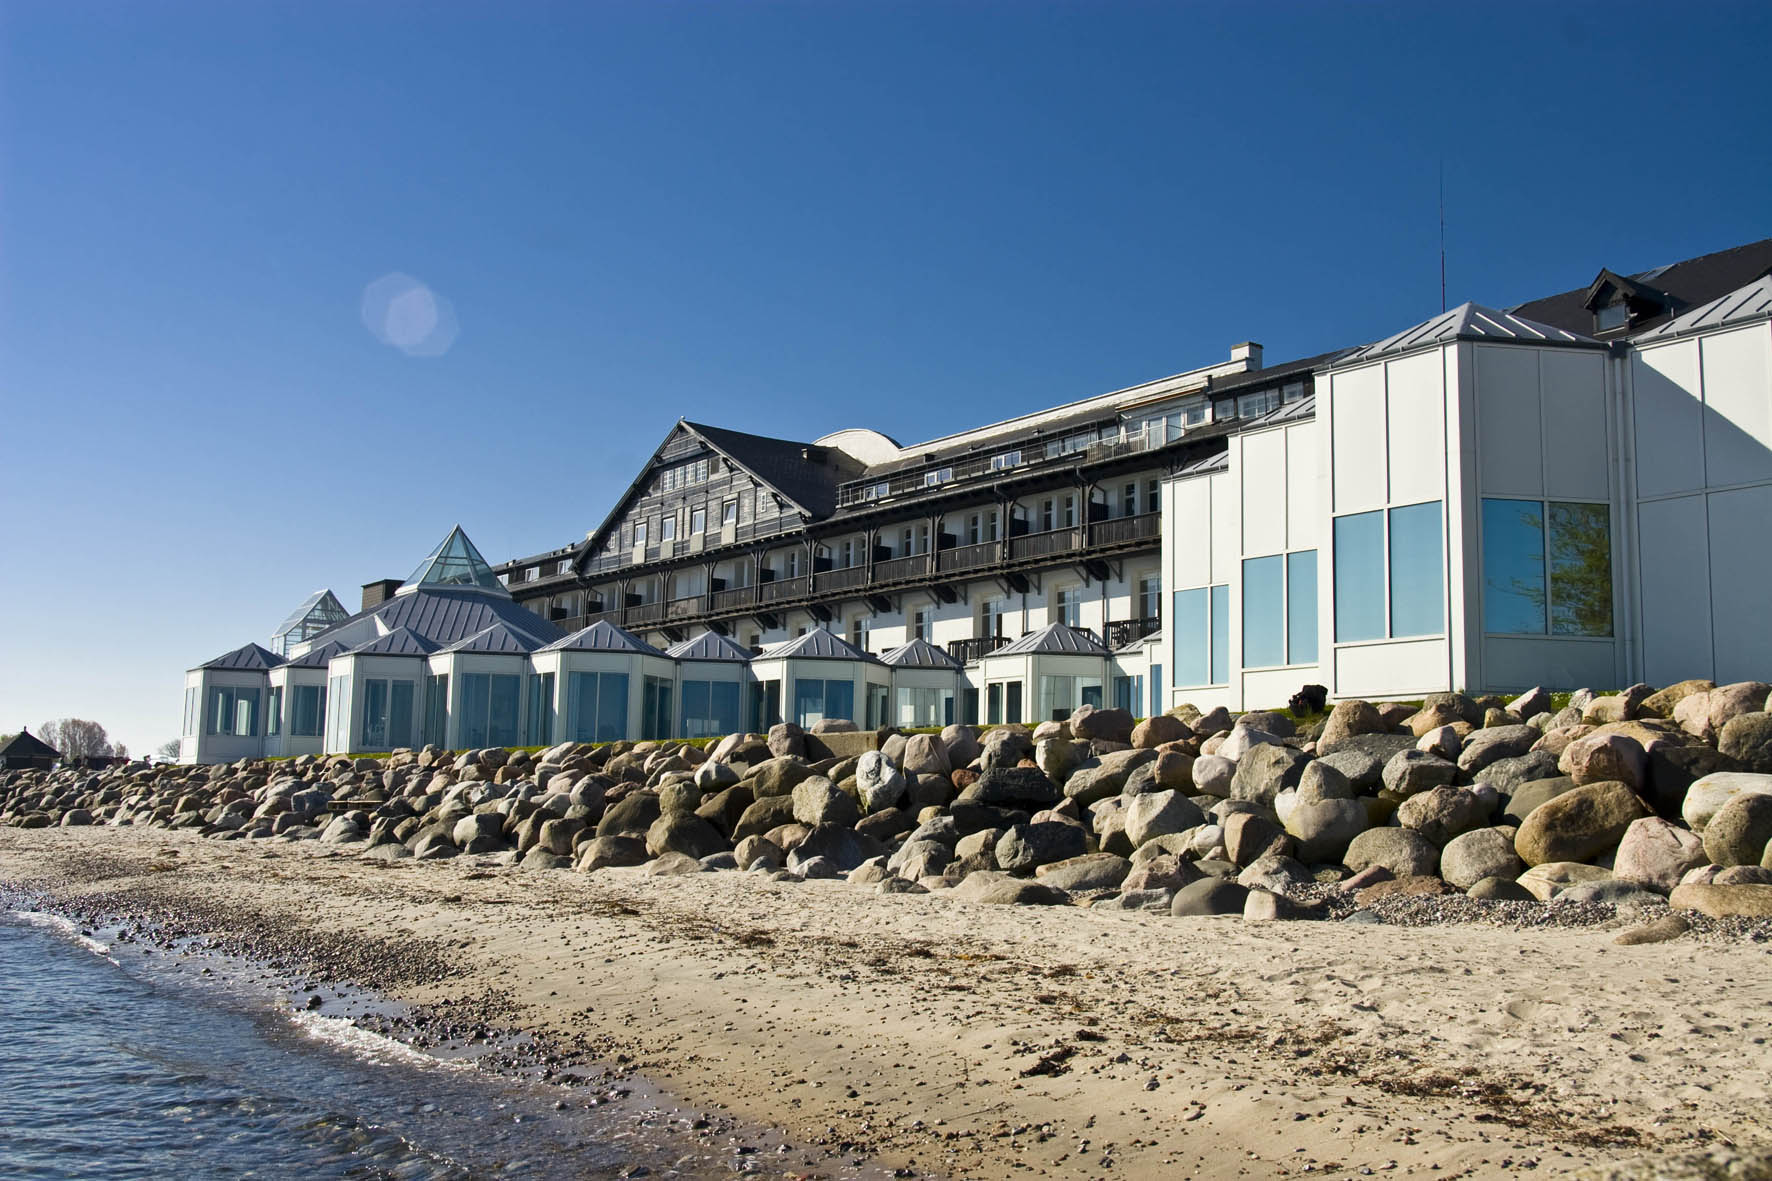 File:Hotel Marienlyst (Helsingør).jpg - Wikimedia Commons